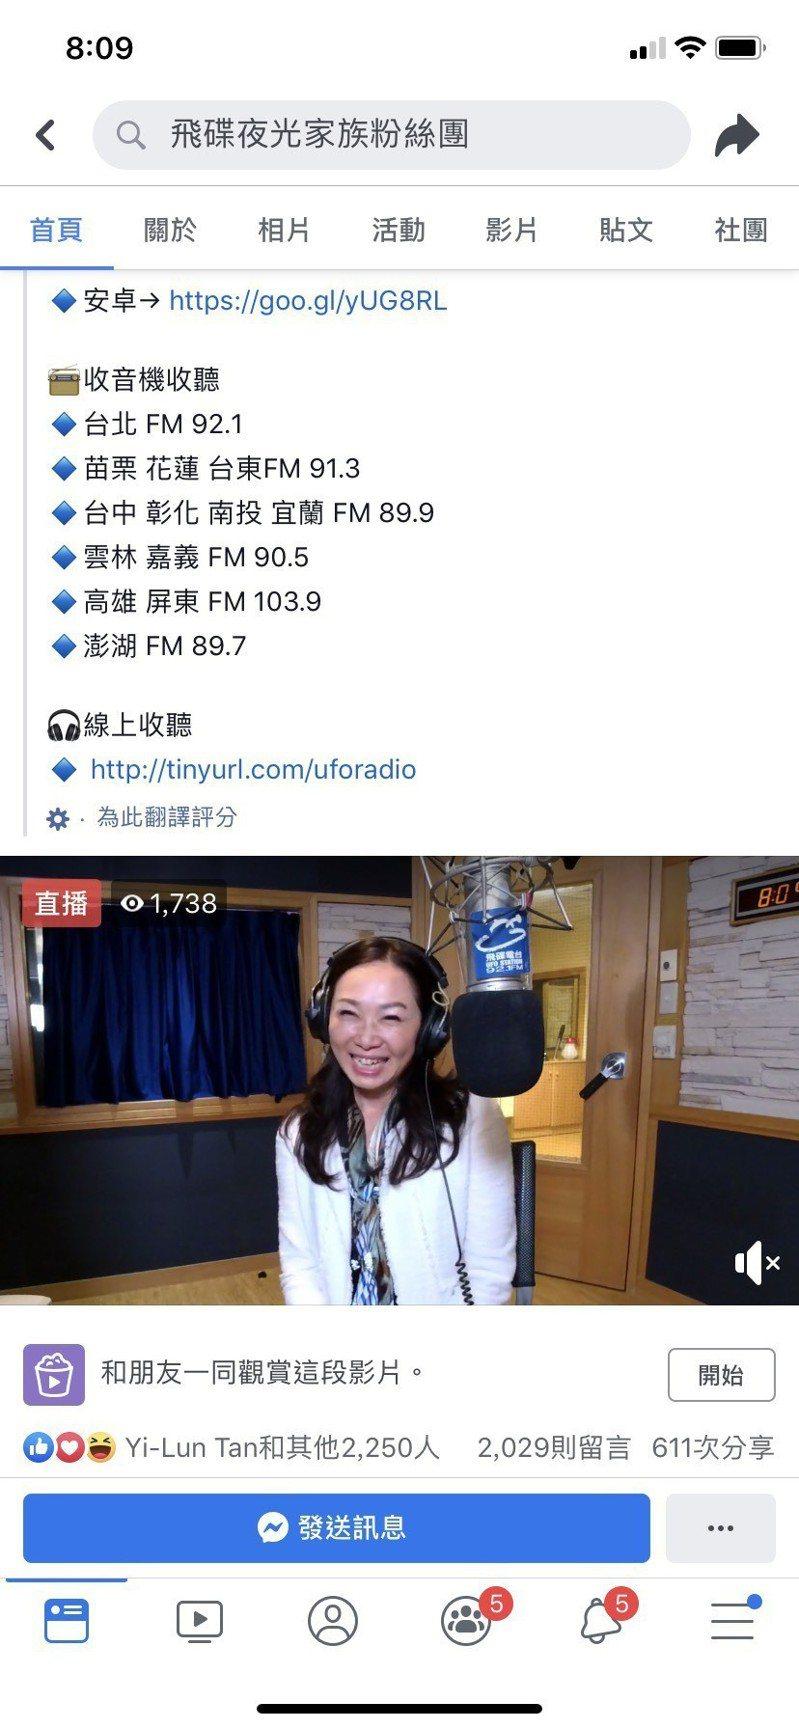 韓國瑜的太太李佳芬今晚接受廣播人專訪,談到韓國瑜最近飽受市議員抨擊,韓心中自有一把尺。記者謝梅芬/翻攝